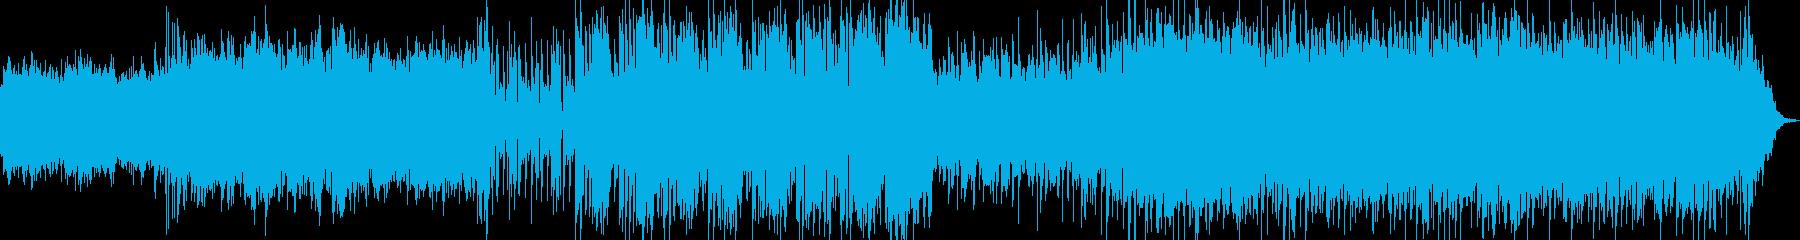 哀愁系BGMの再生済みの波形